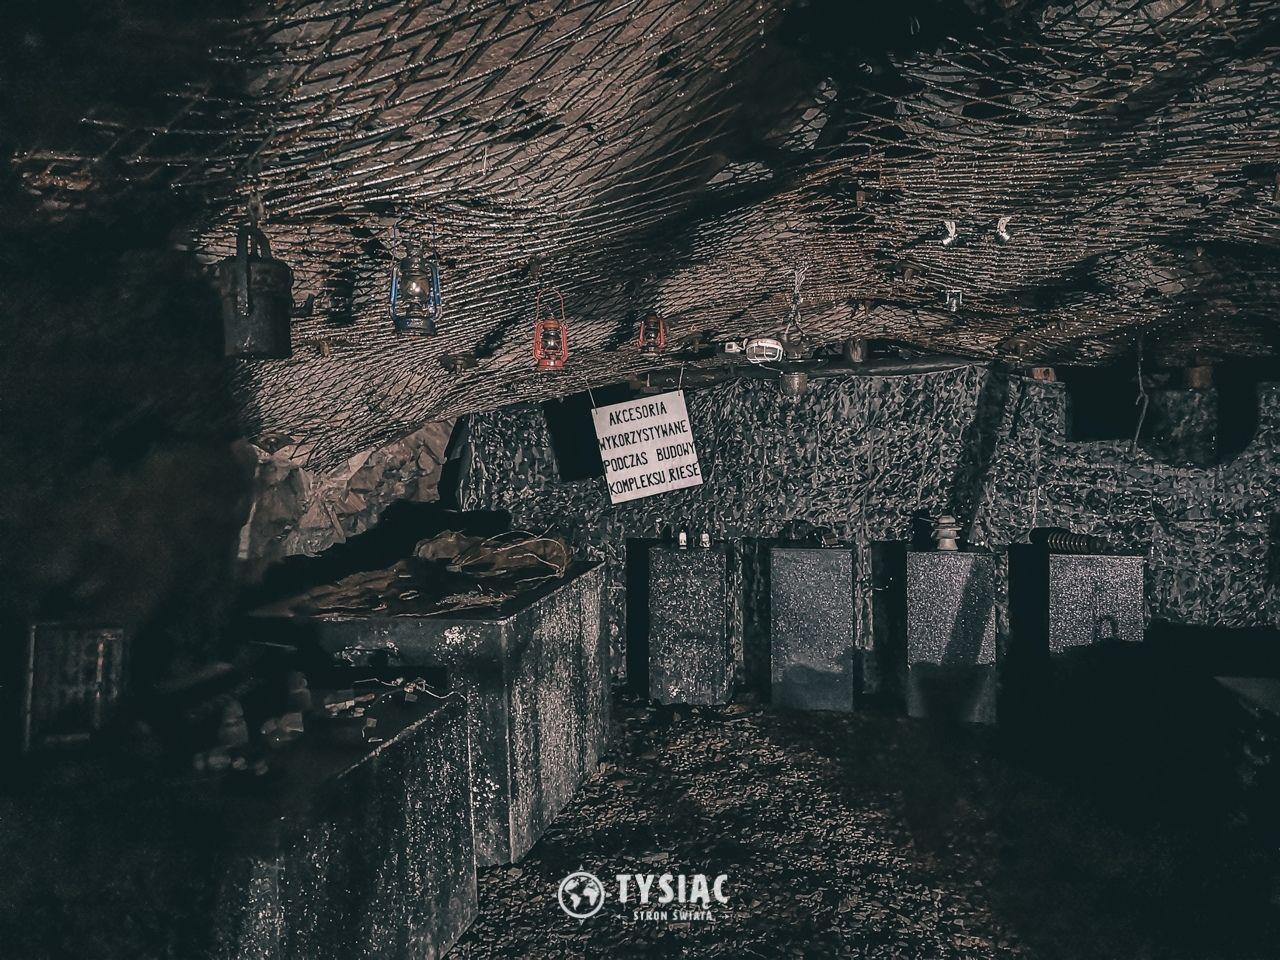 Dolny Śląsk - Tajemnicze podziemne miasto